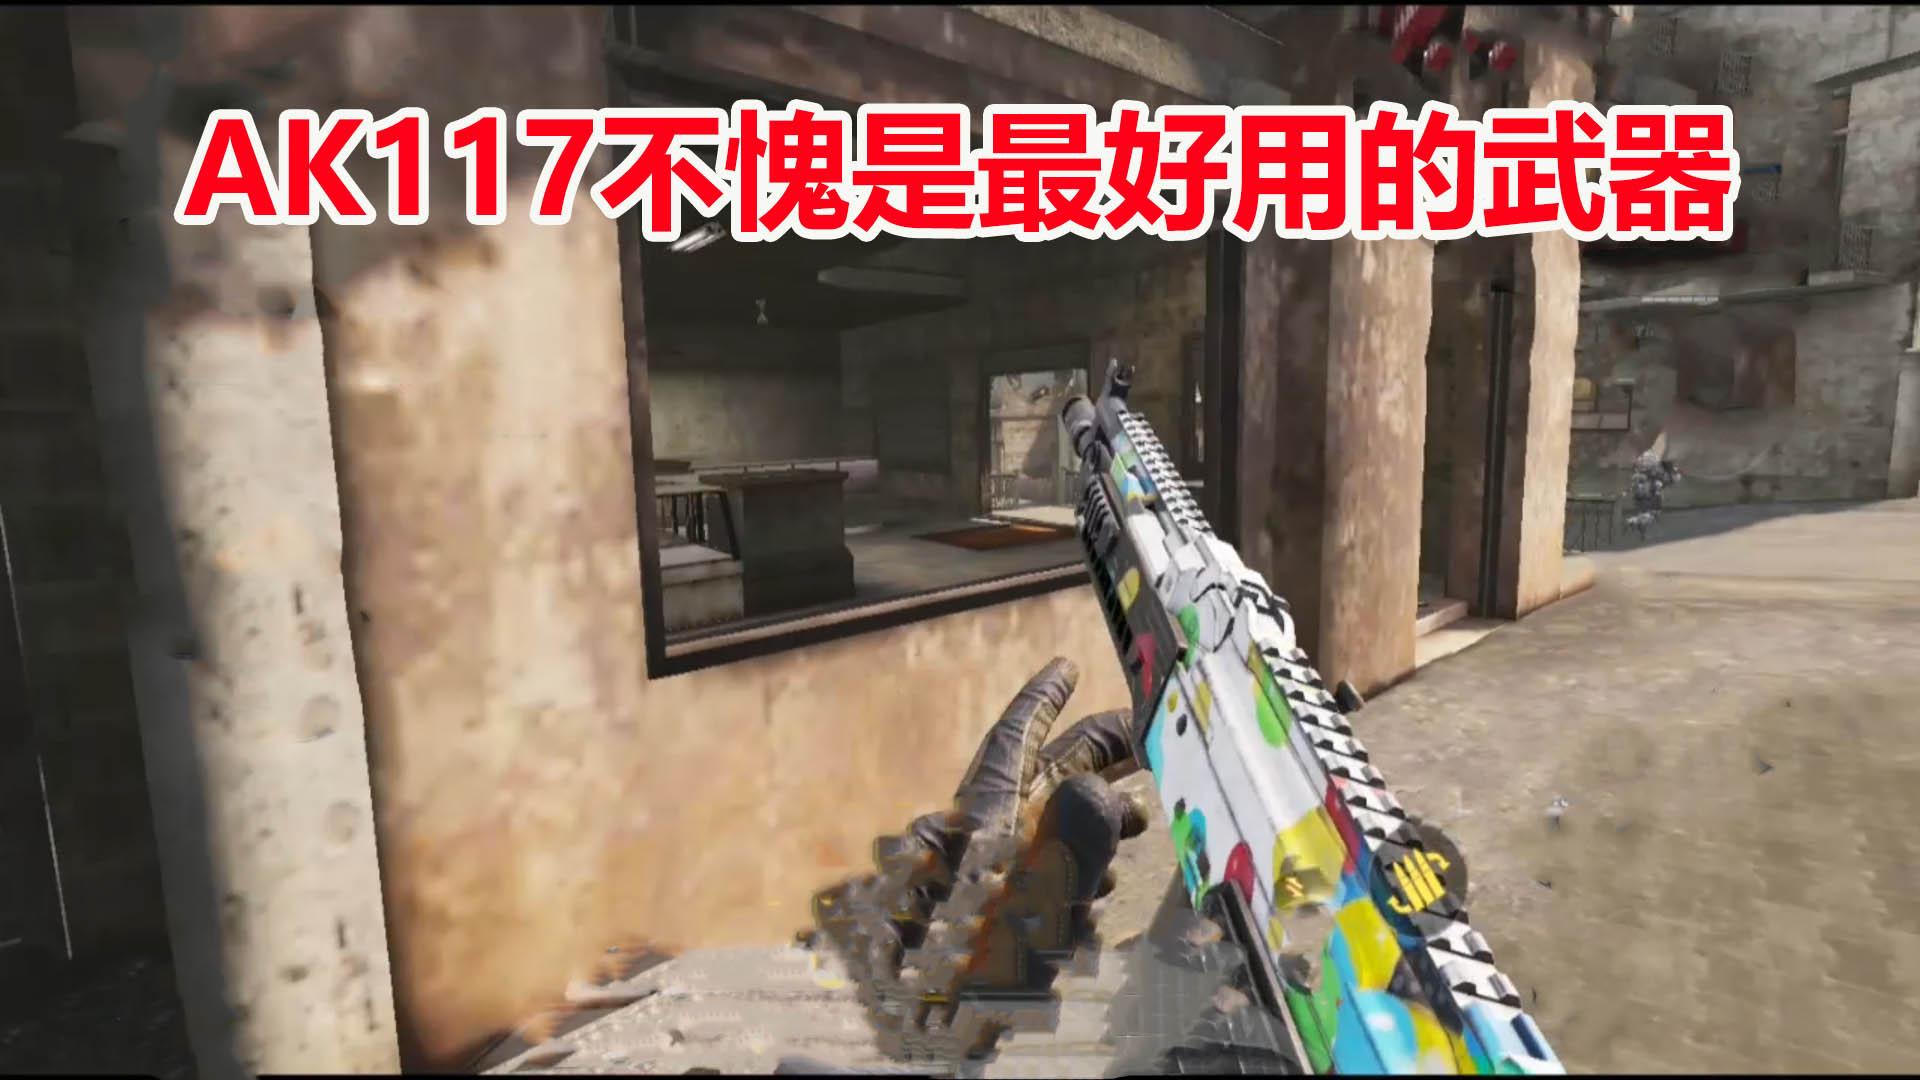 【夏日蕉易战】使命召唤手游:AK117不愧是最好用的武器,带你轻松收割人头